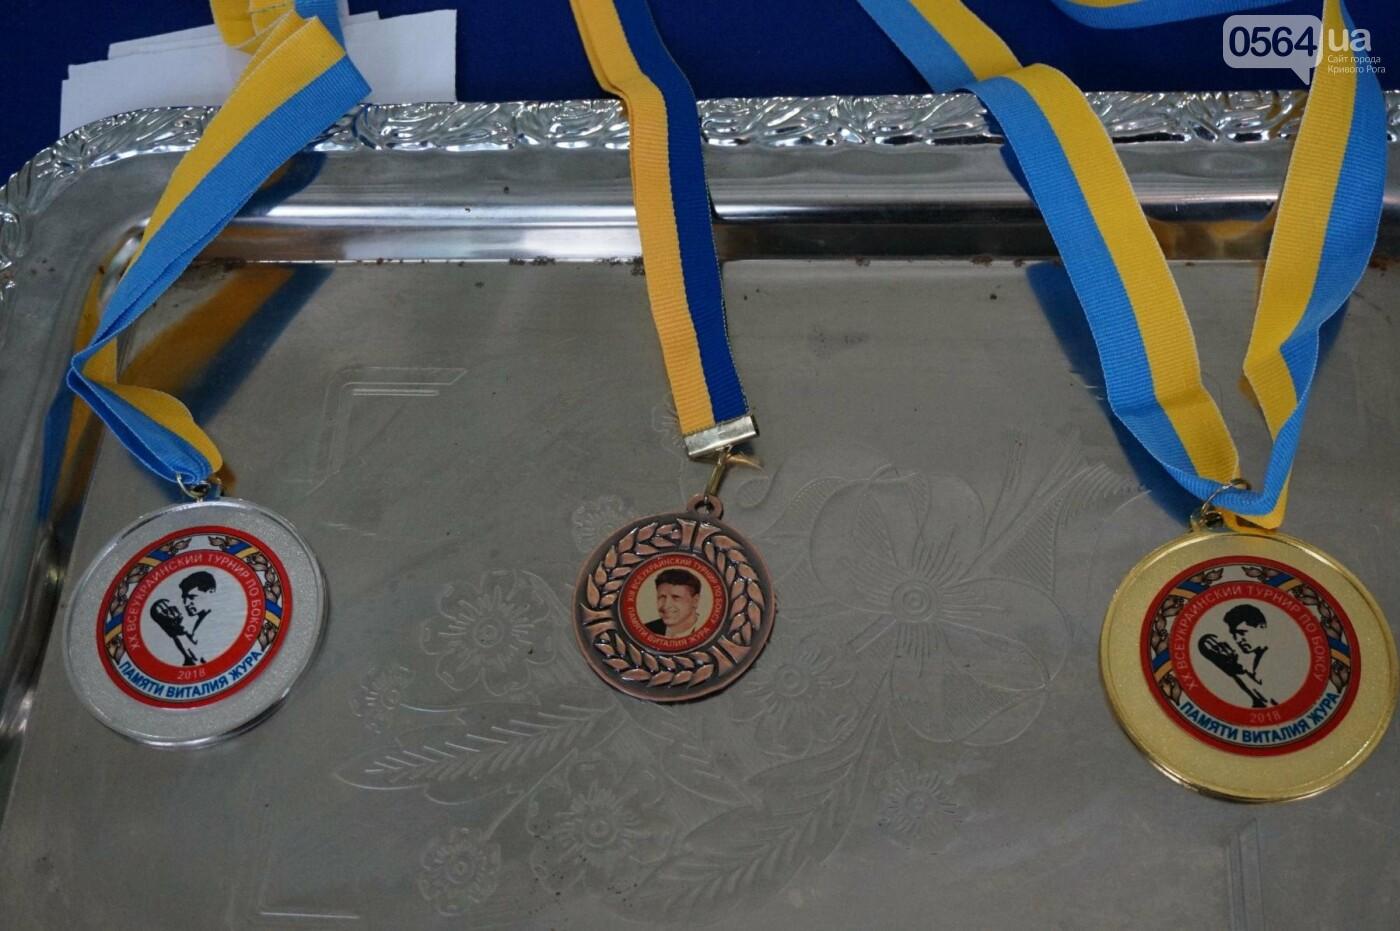 В Кривом Роге состоялся Международный турнир по боксу (ФОТО, ВИДЕО), фото-46